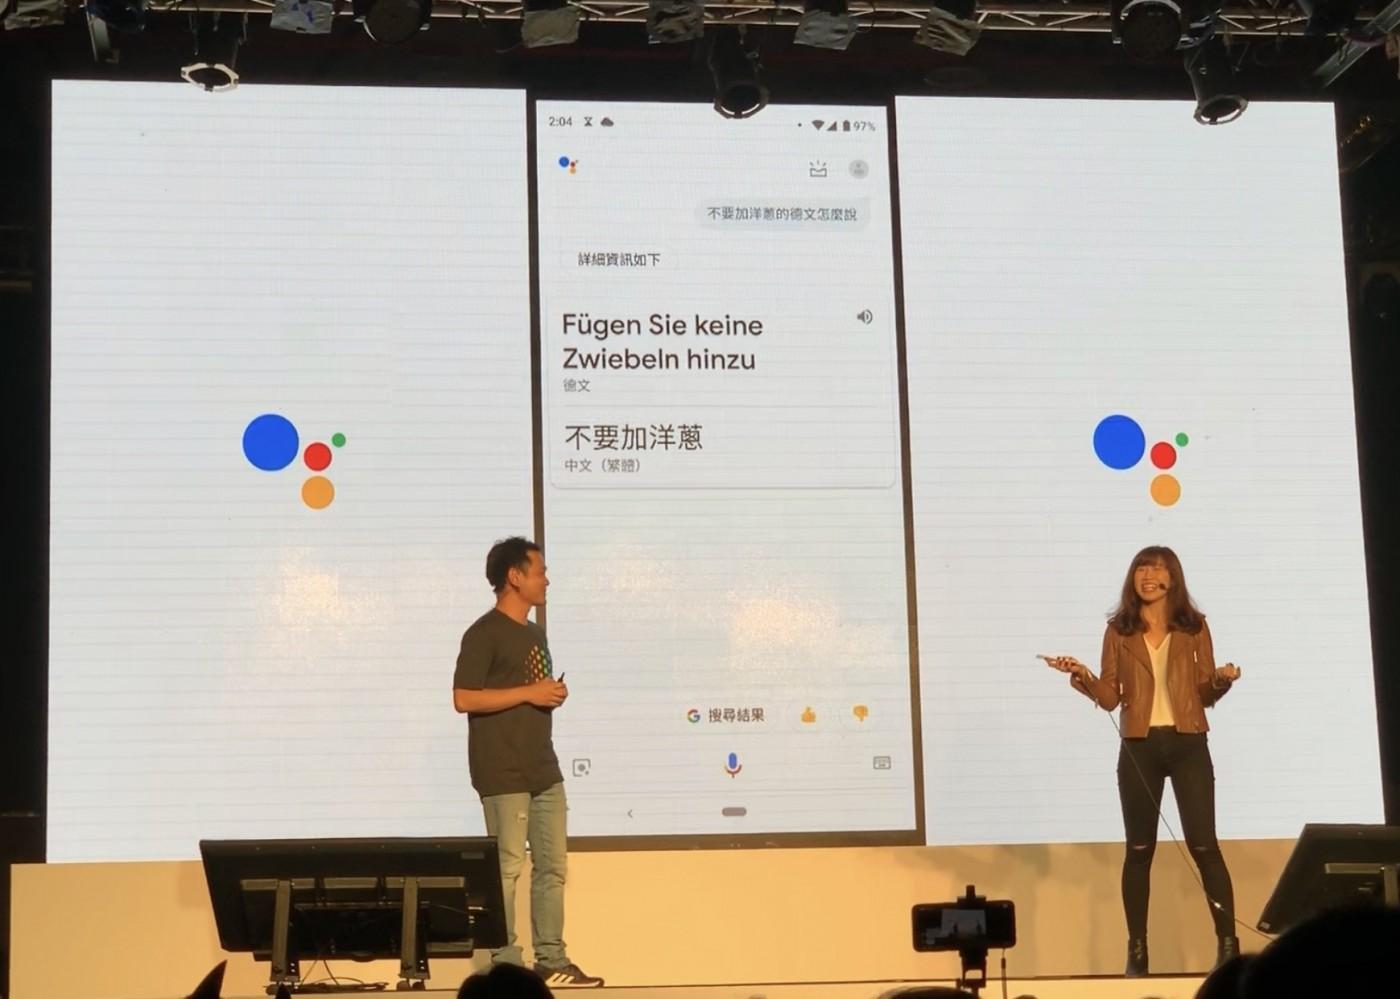 講話帶有「台灣味」的Google助理正式誕生,和Siri比誰聰明?